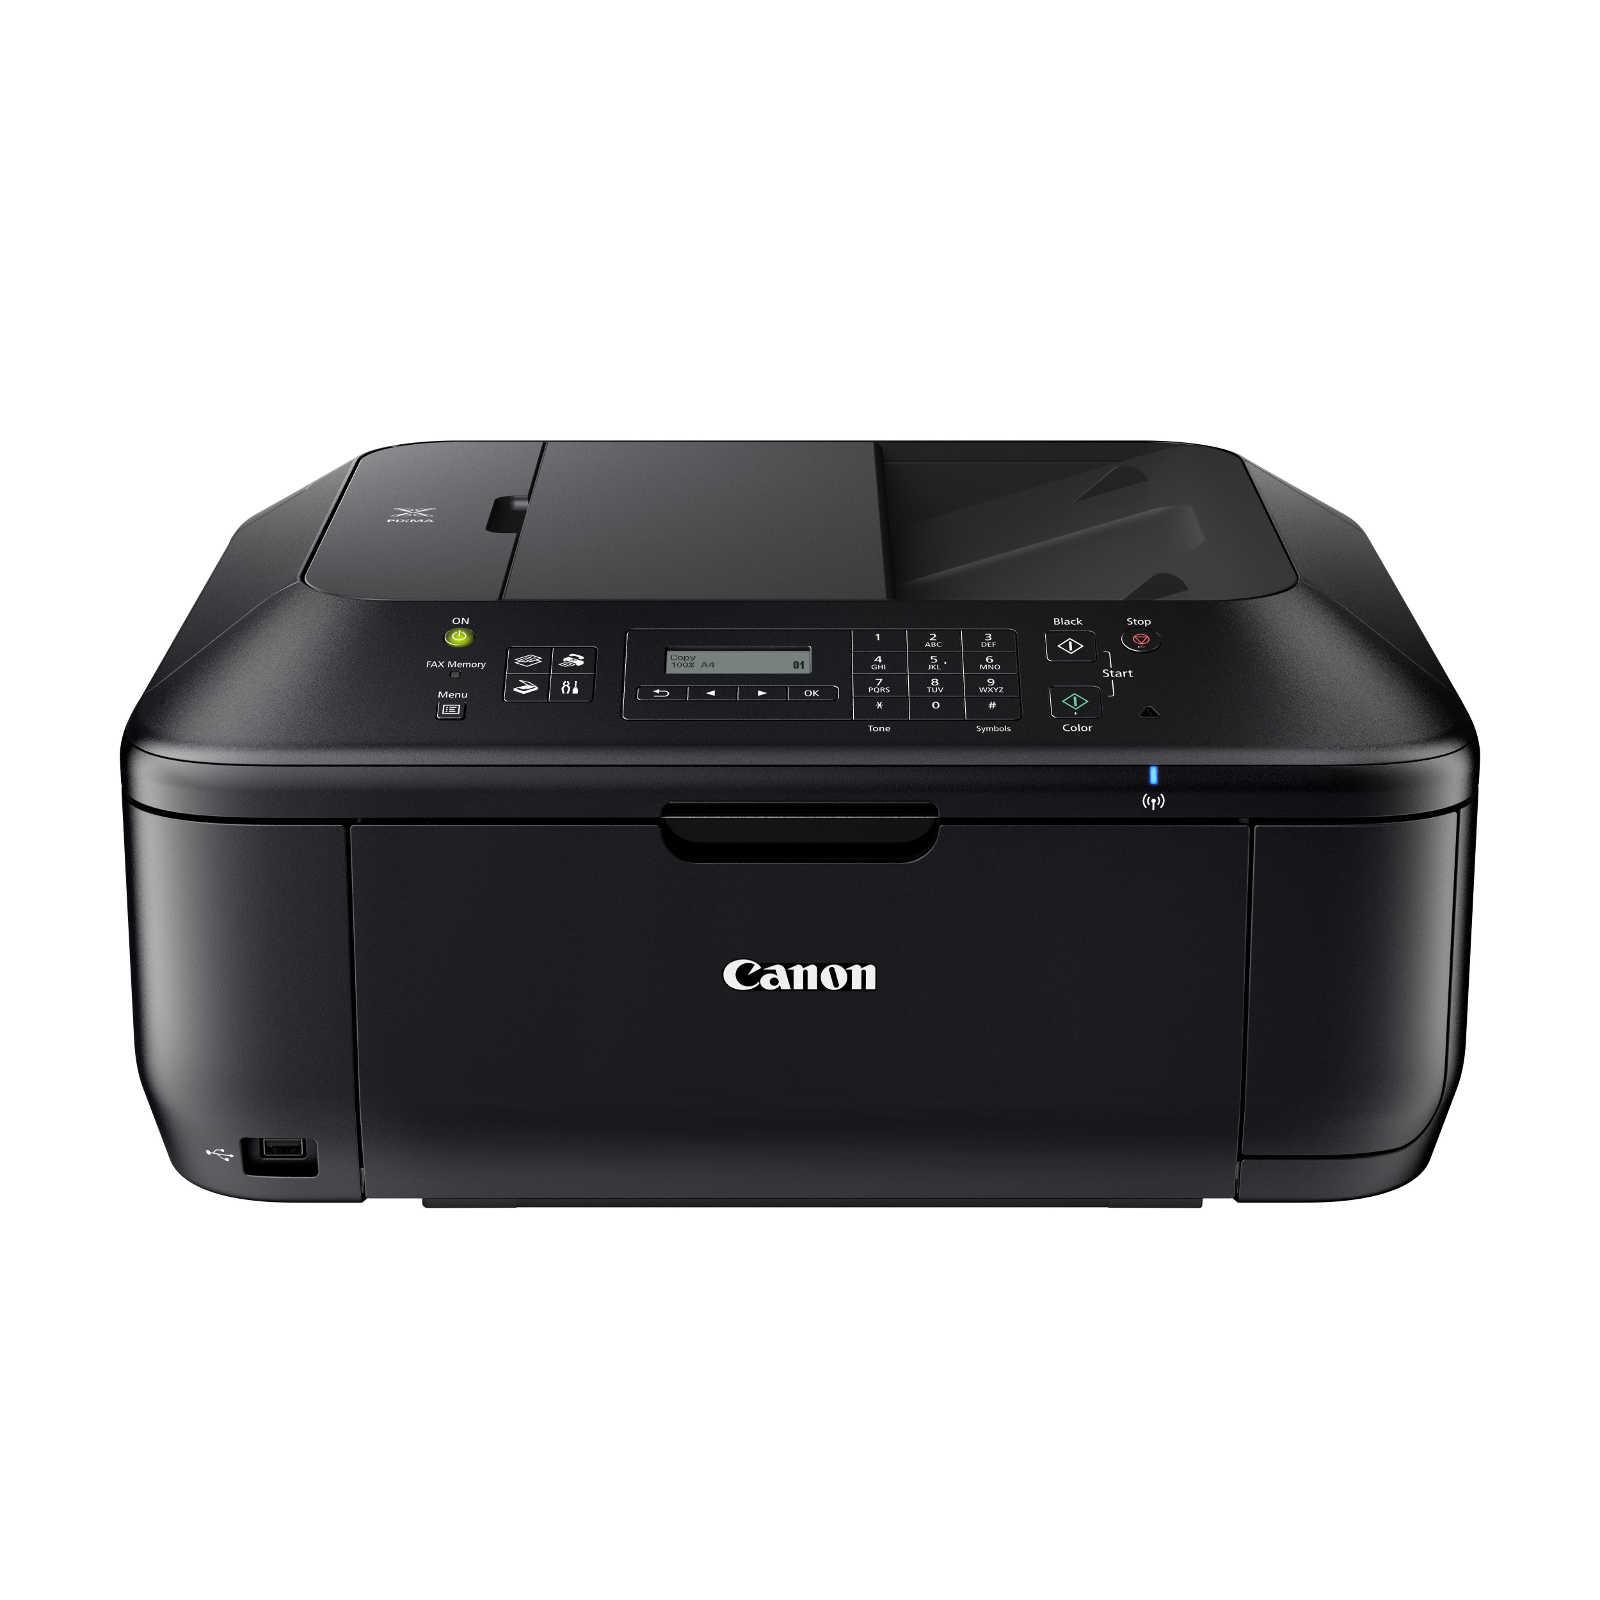 canon pixma mx535 imprimante multifonction canon sur. Black Bedroom Furniture Sets. Home Design Ideas